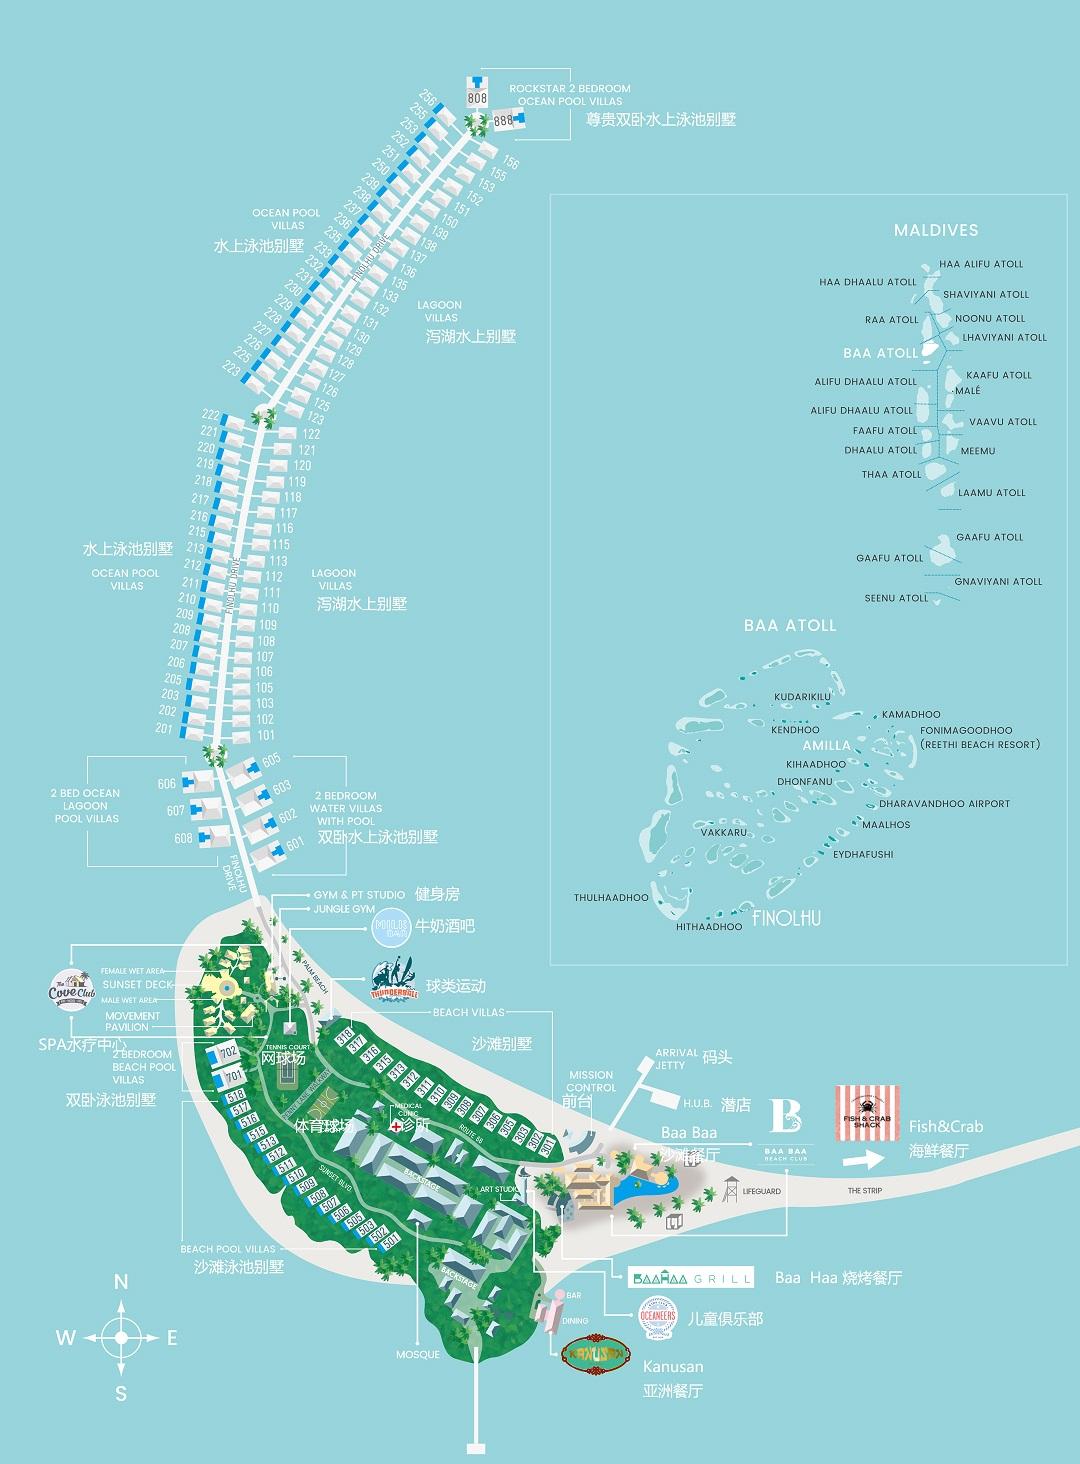 马尔代夫 菲诺芙岛 Finolhu Maldives 平面地图查看